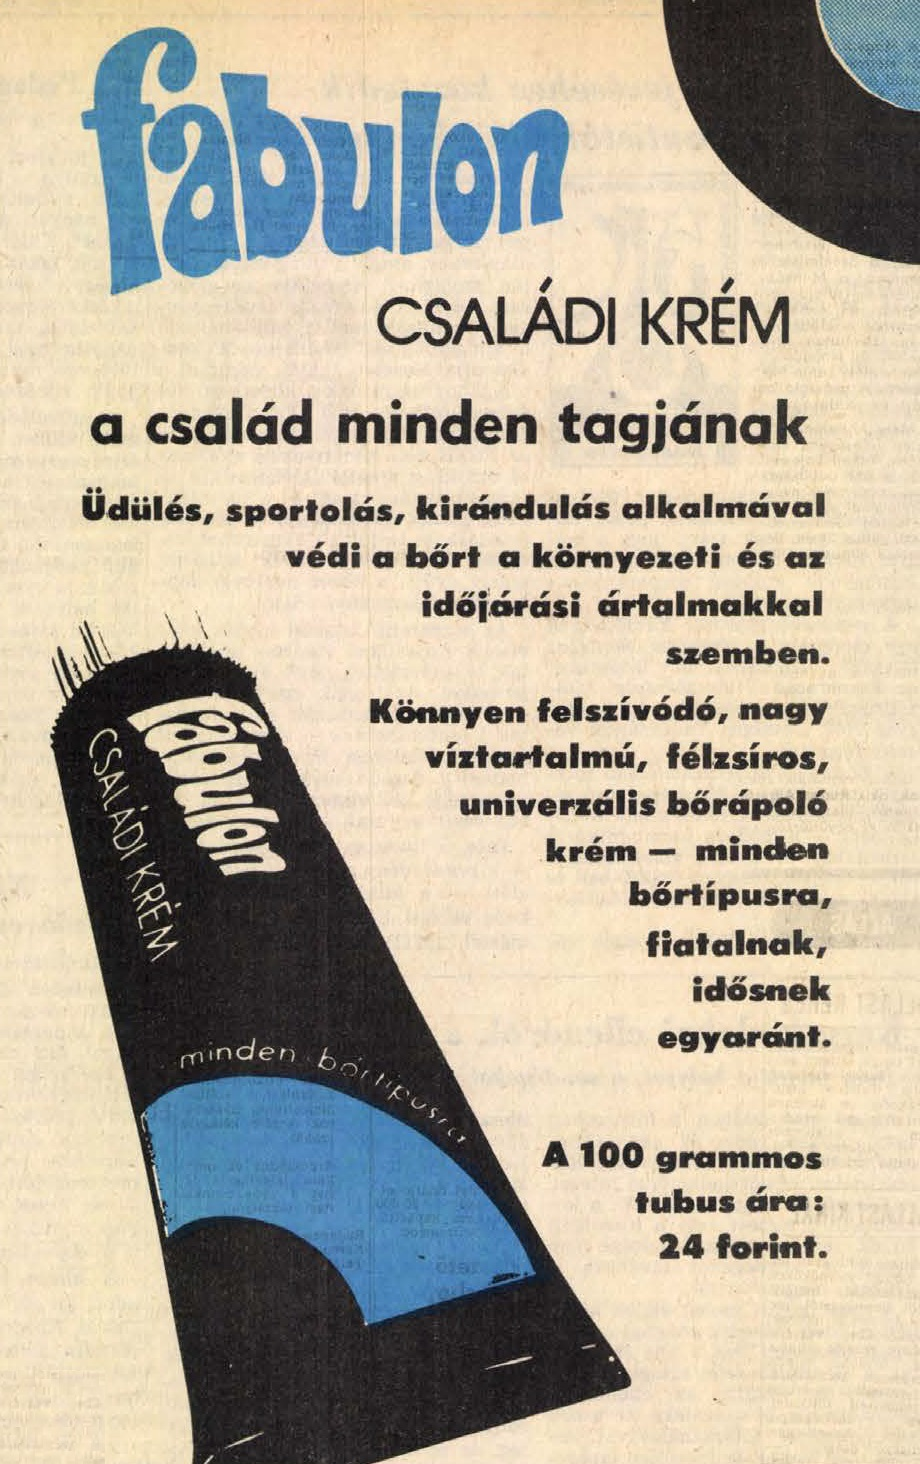 idokapszula_nb_i_1983_84_bevezetes_i_reklam_2.jpg